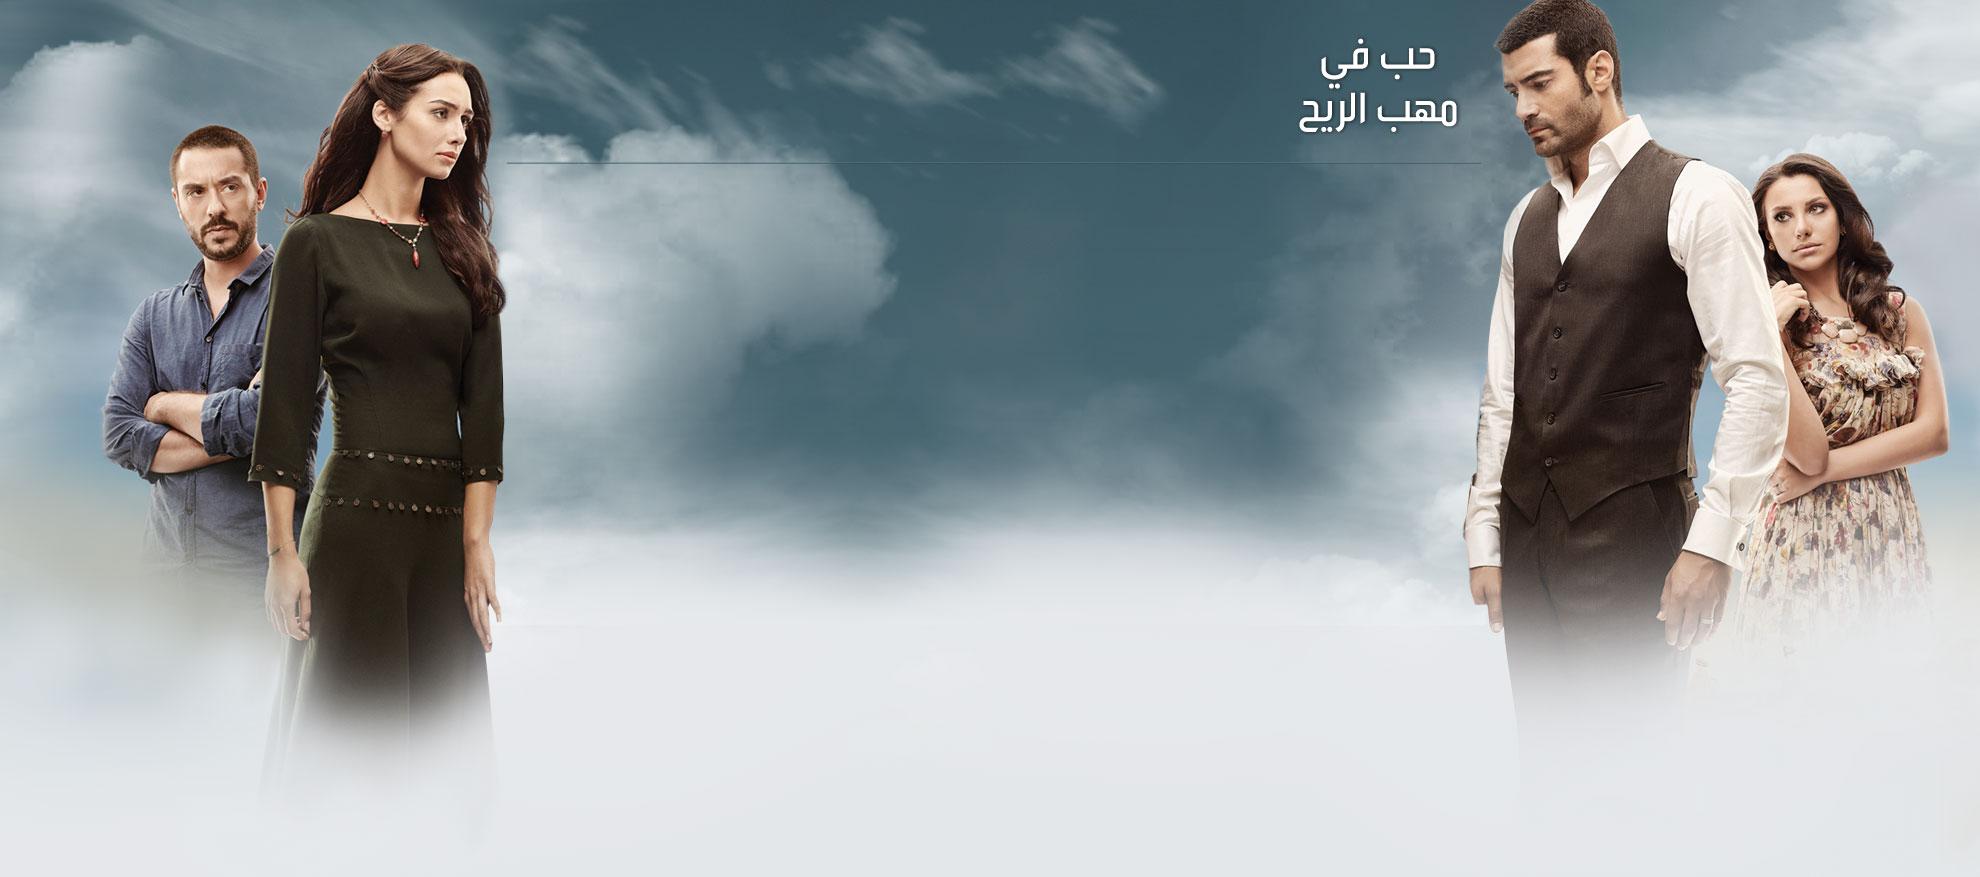 يوتيوب الحلقة الاخيرة من مسلسل حب في مهب الريح 2014 , تحميل حلقات المسلسل التركي حب في مهب الريح